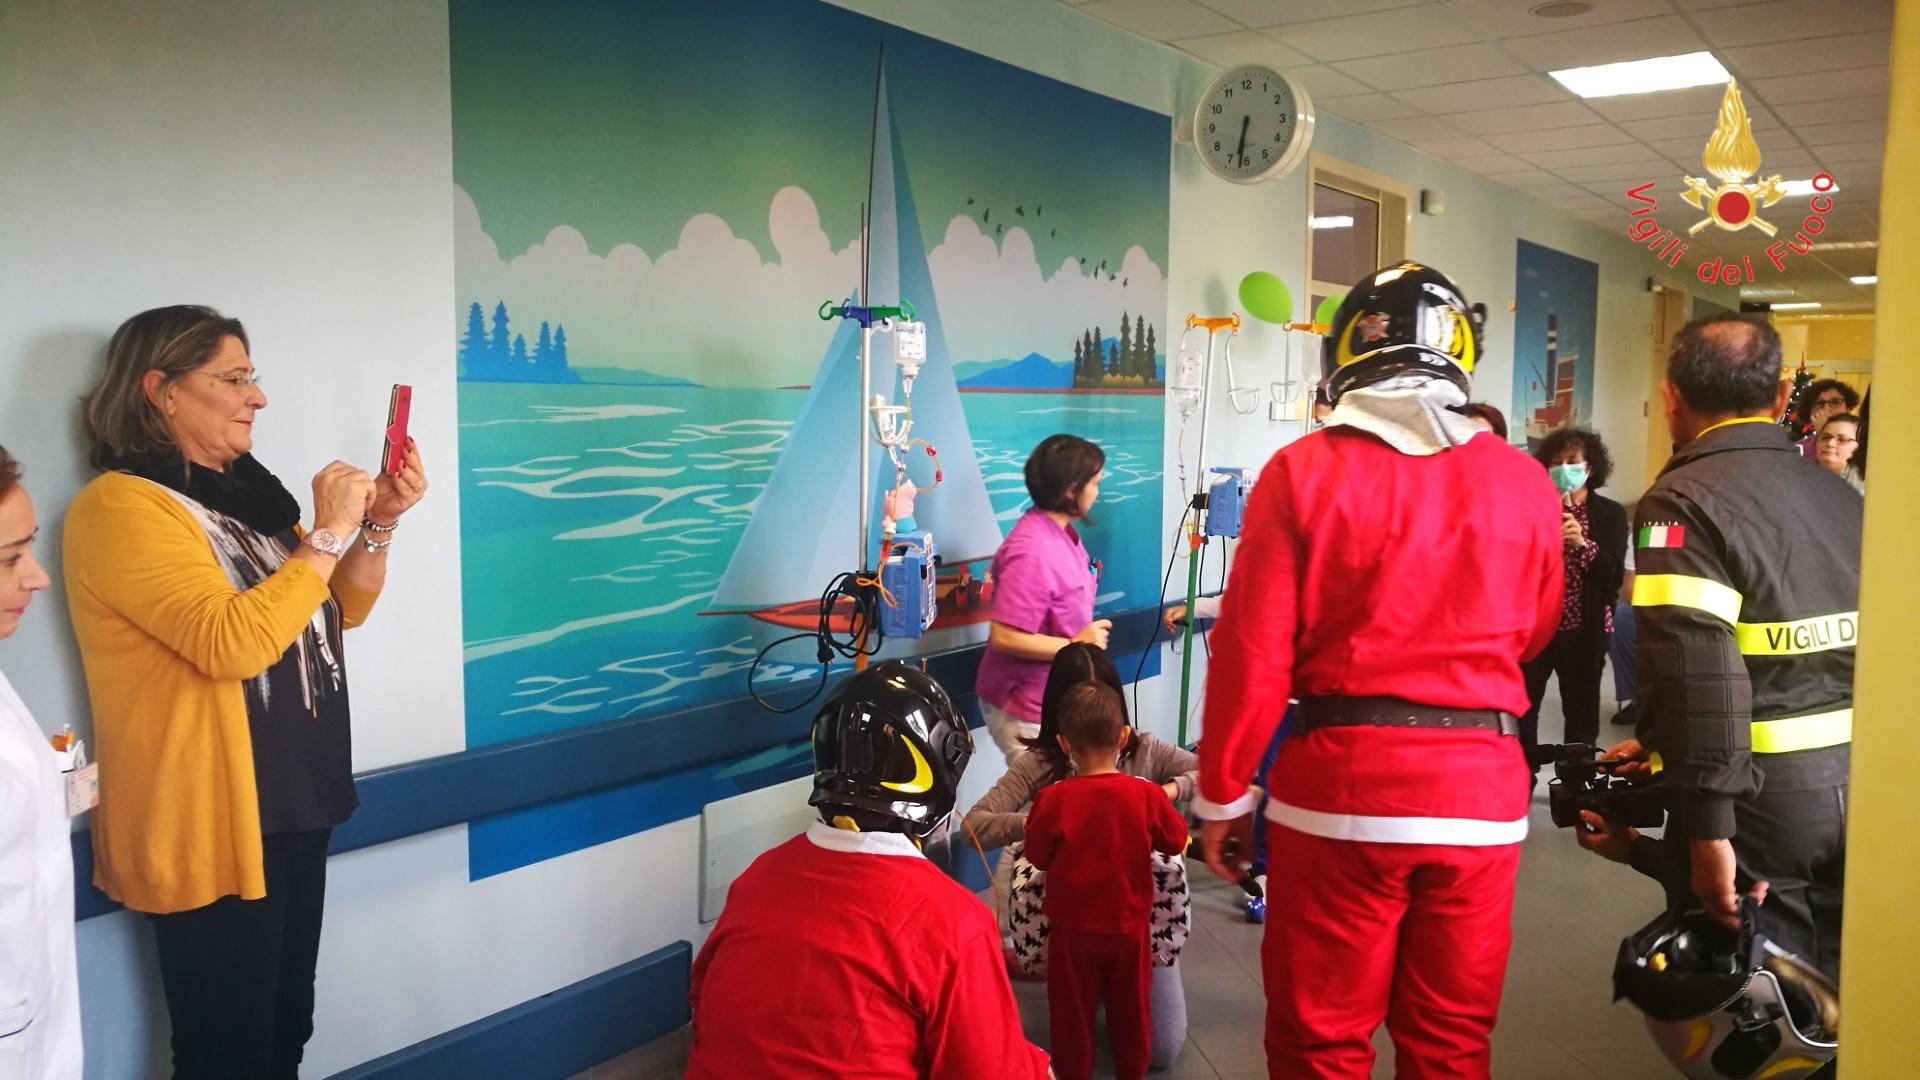 VIDEO - I Vigili del Fuoco in visita al reparto di Oncologia Pediatrica di Catanzaro portano Babbo Natale in autoscala